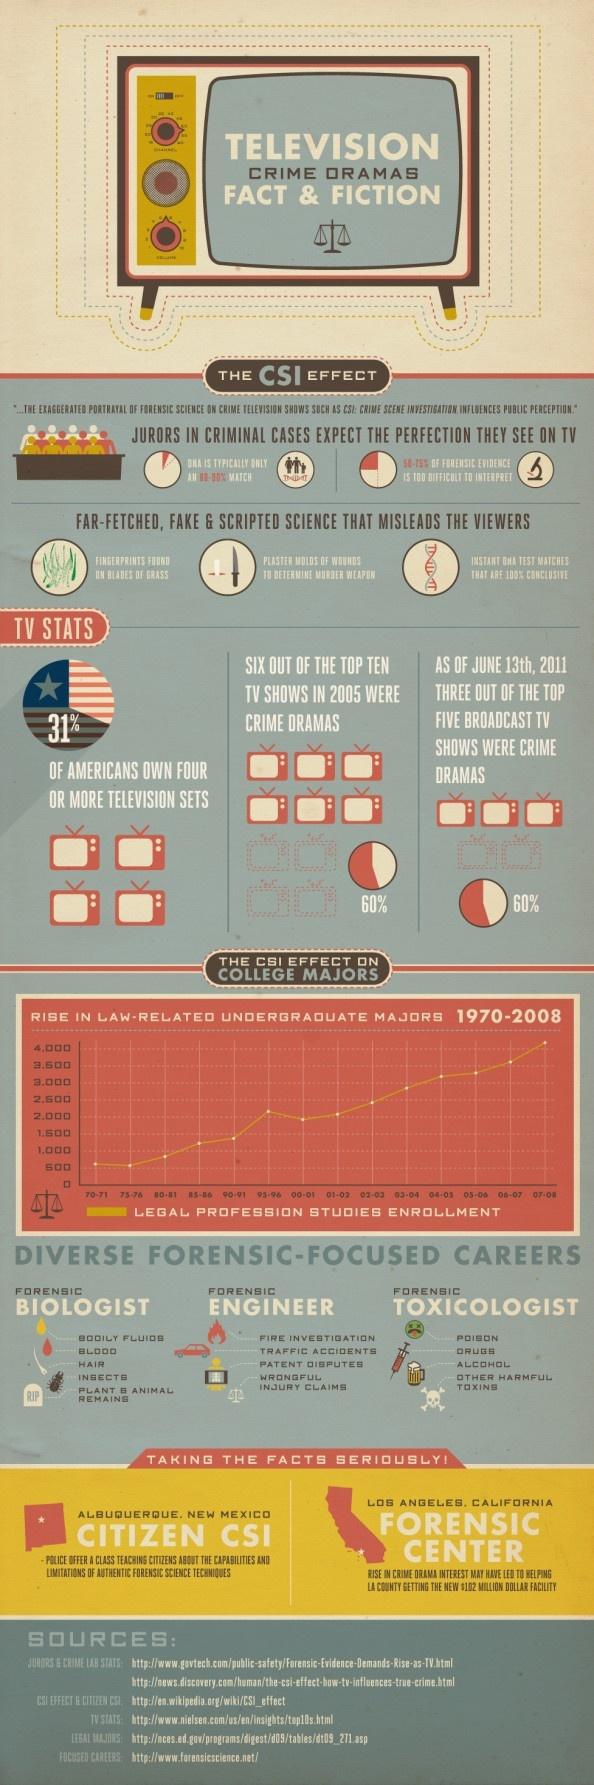 Television Crime Dramas: Fact & Fiction / visual.ly